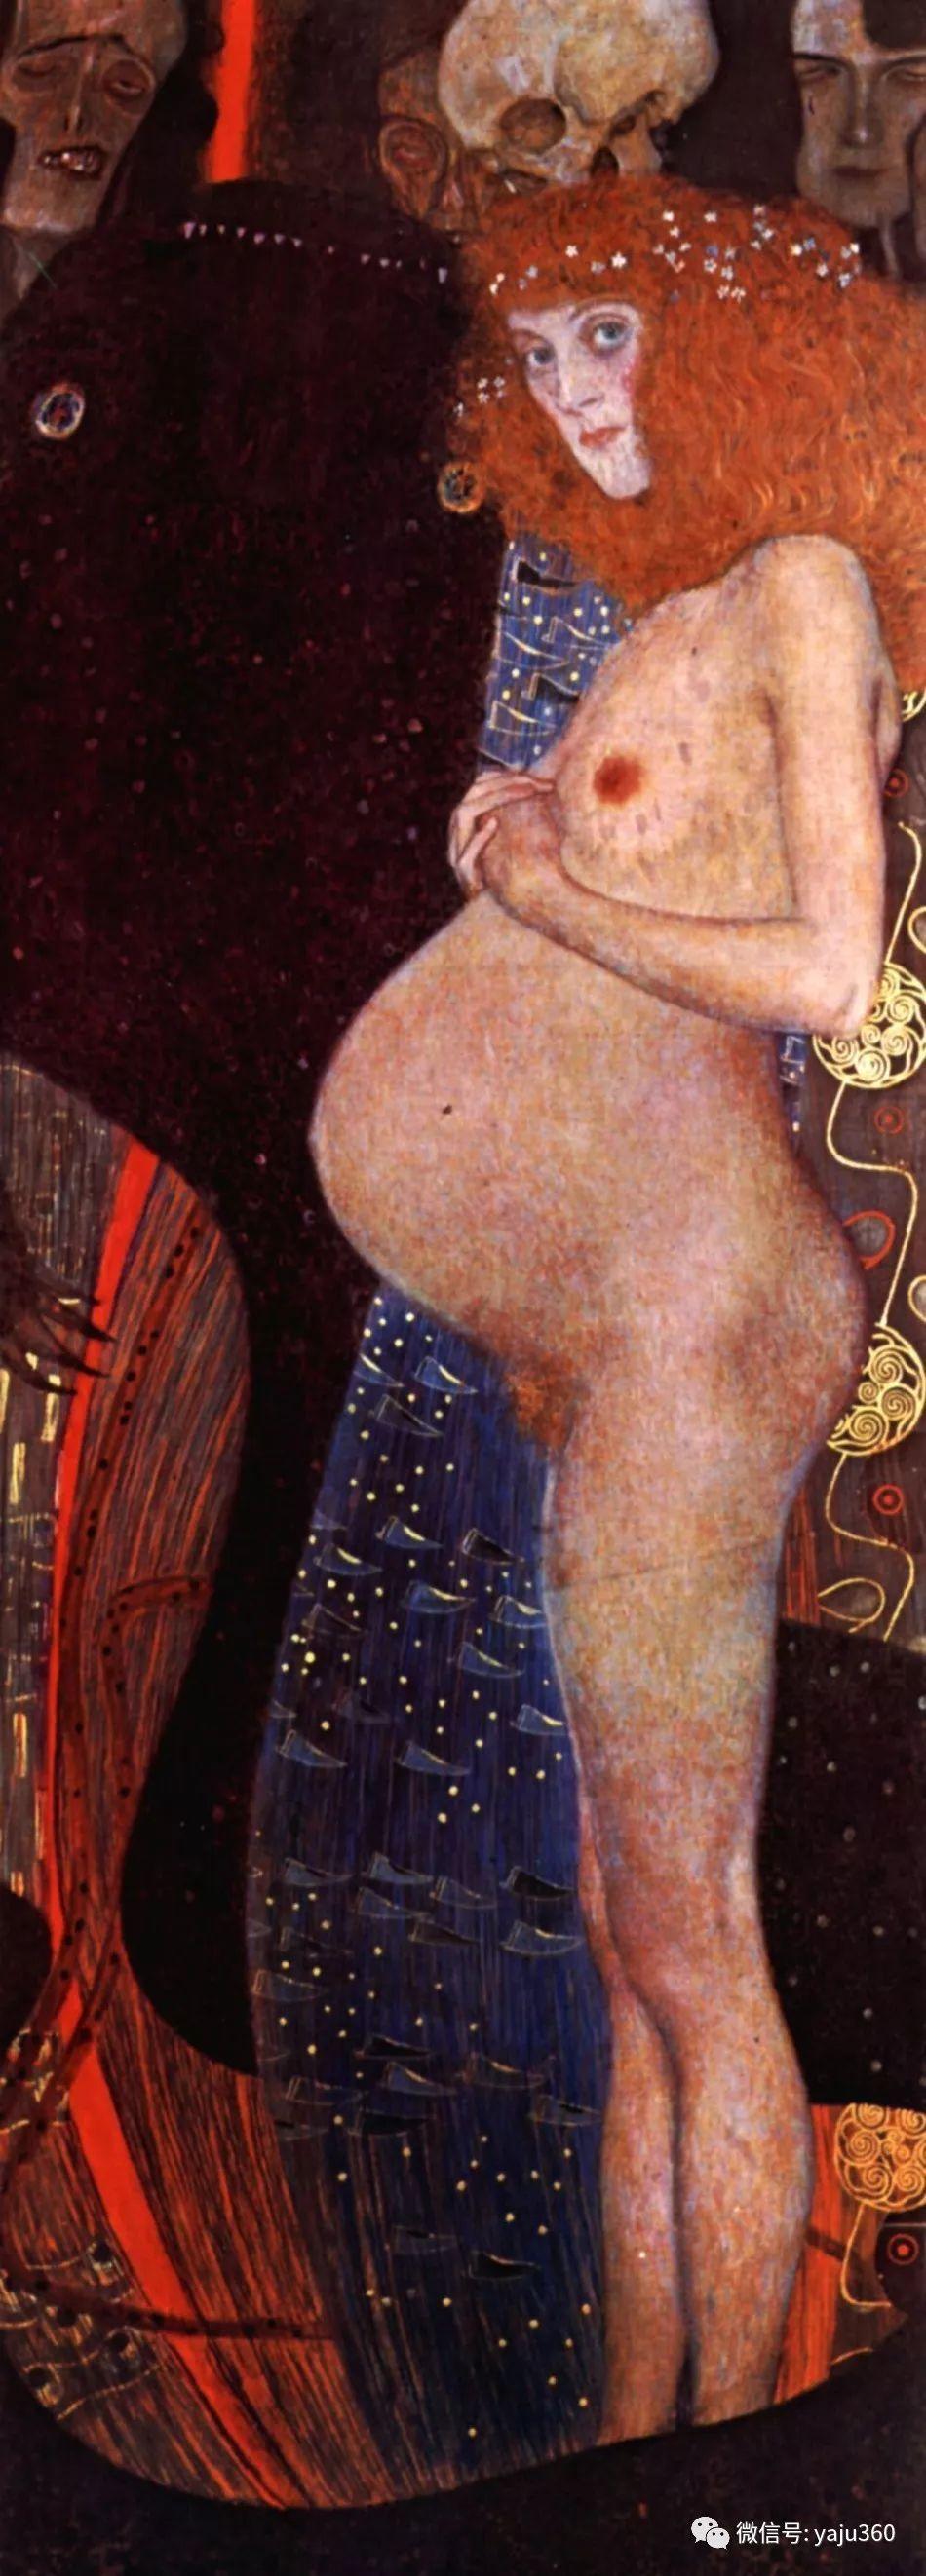 奥地利知名象征主义画家克里姆特画集插图19